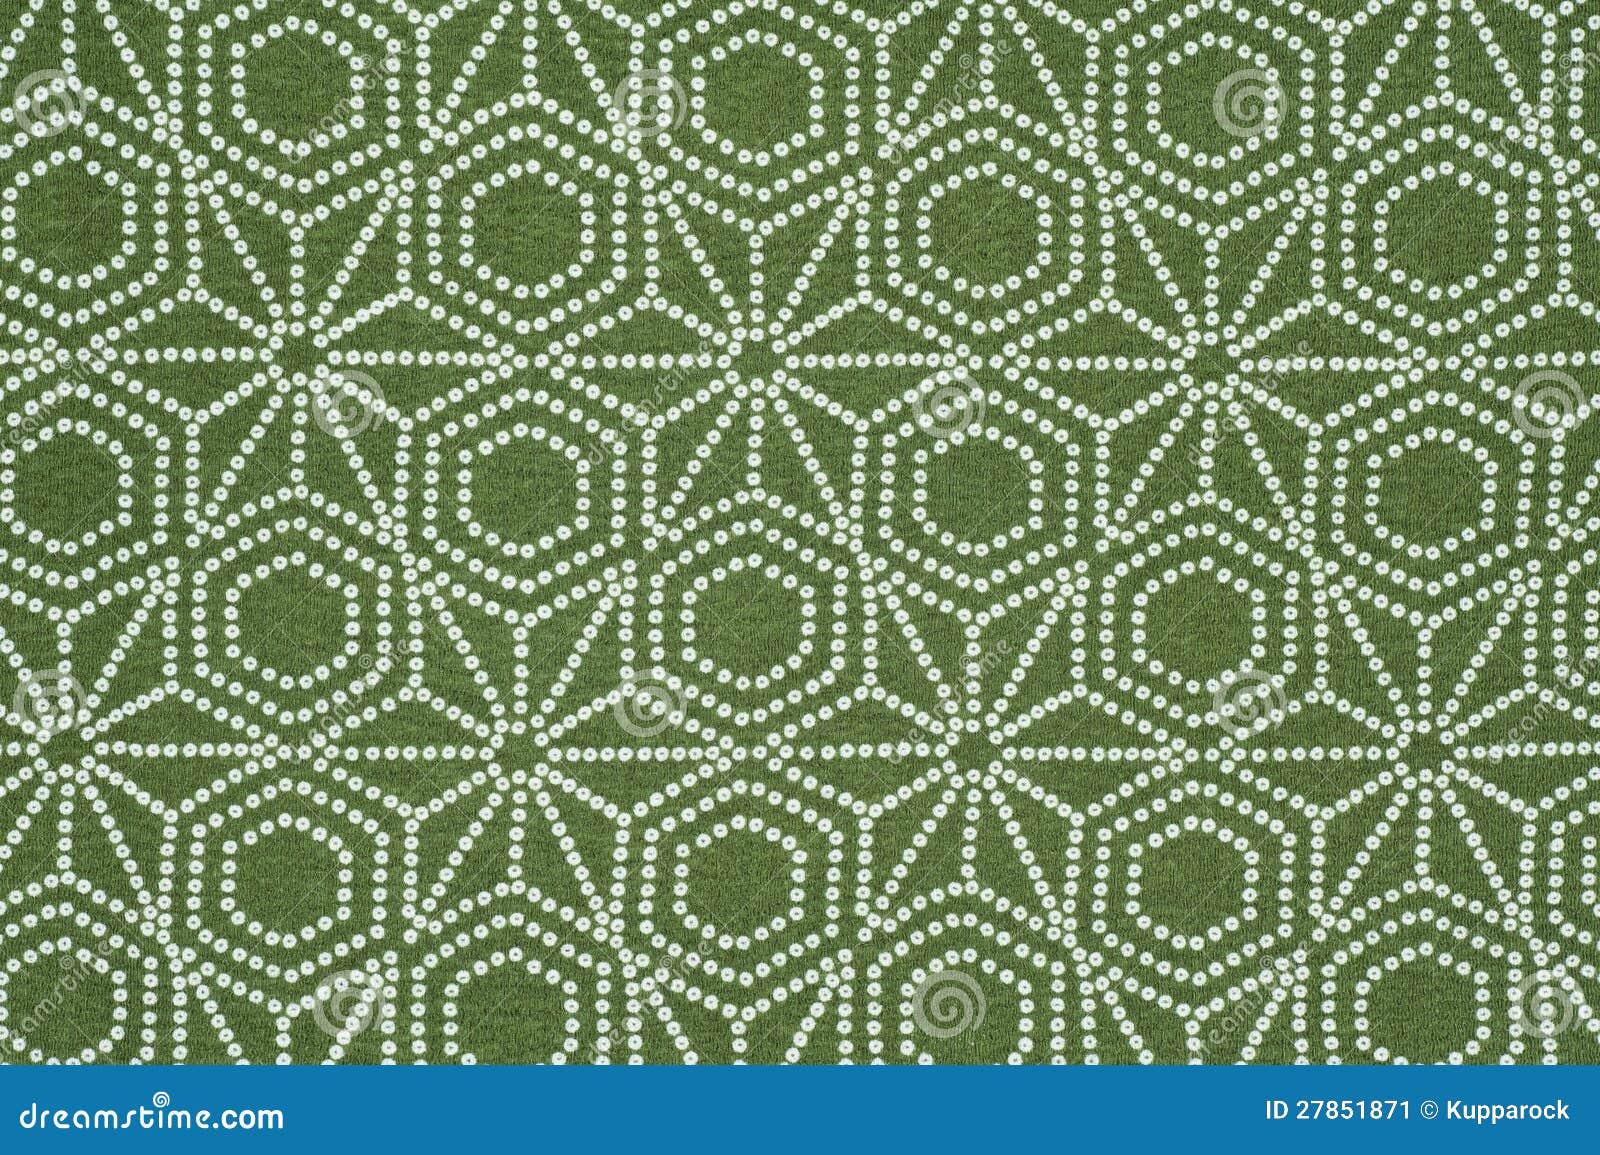 Krepdeszynowa tkanina